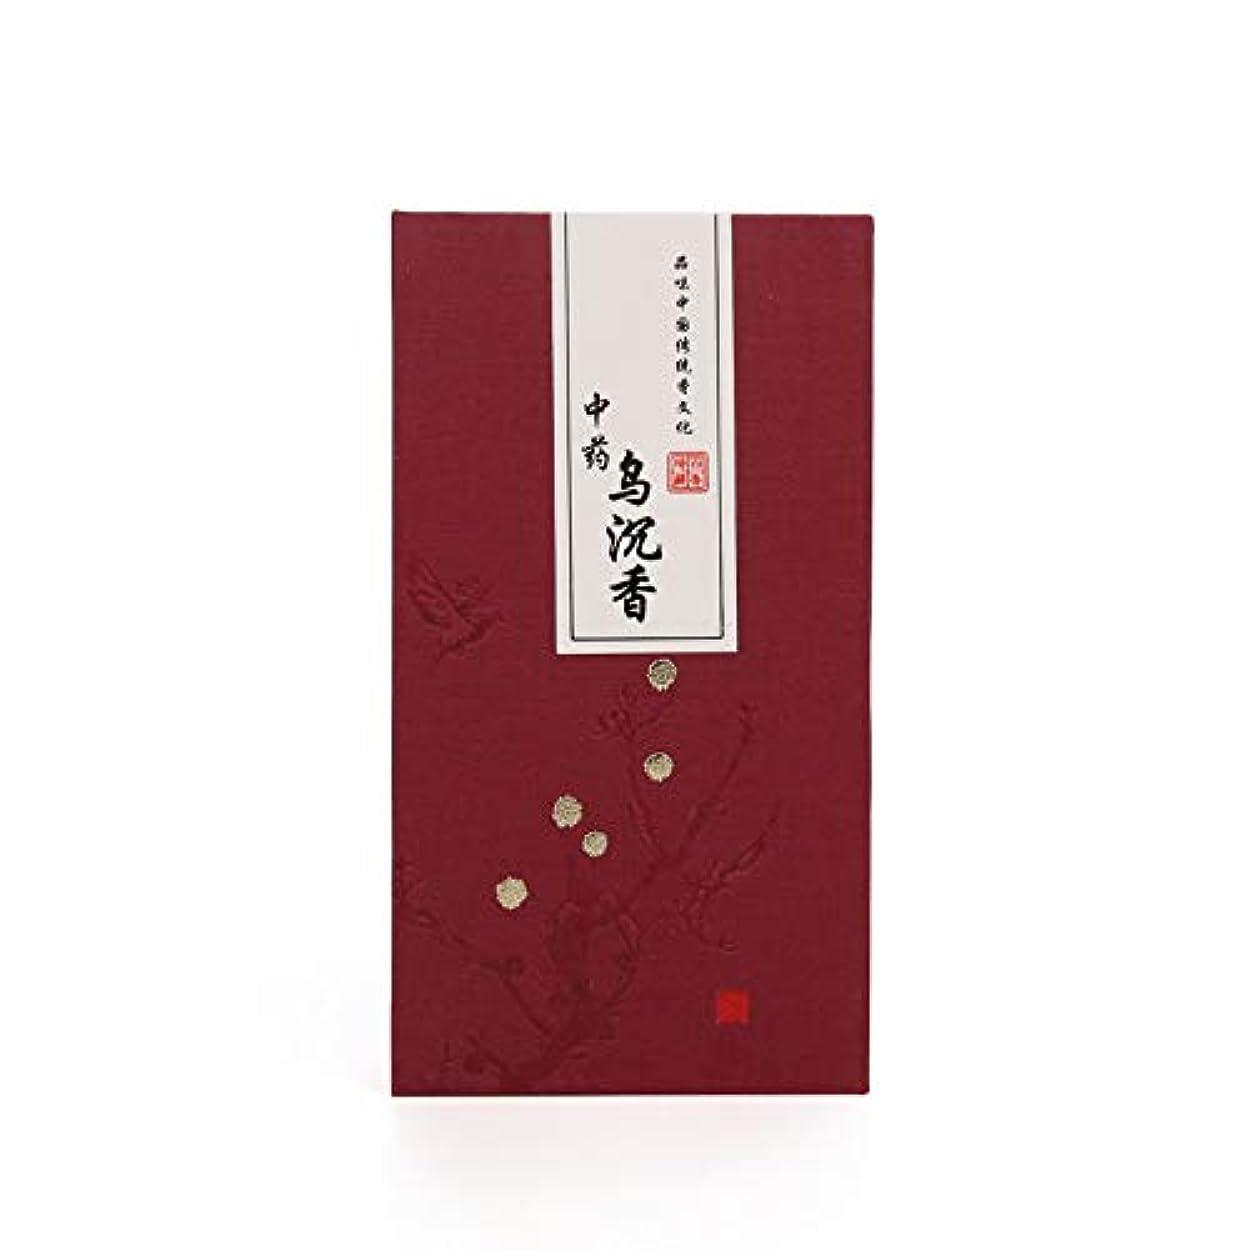 列車放棄する商業のDiatems - 絶妙な箱入りの天然白檀の香りのお香、香りの木、辺材、ヒノキ、2時間、長期的な仏香、アロマテラピー[鳥サンダルウッド]